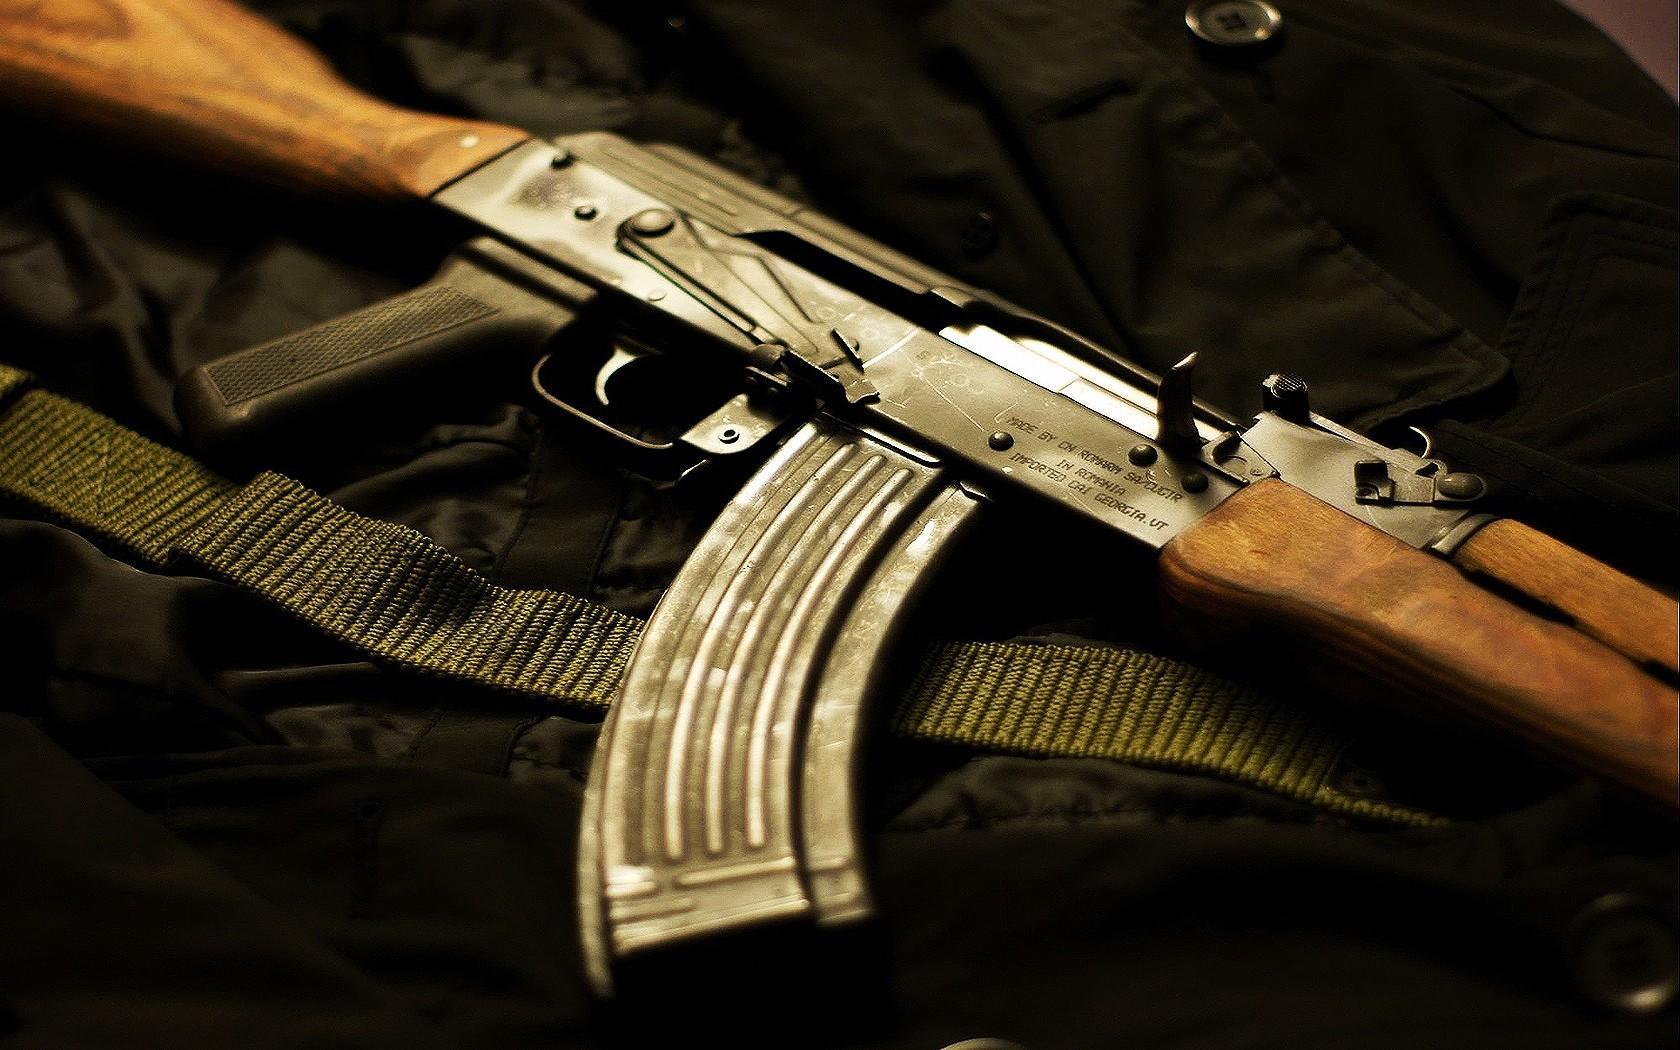 18-річні хлопці вчились збирати і розбирати автомат Калашникова, а також стріляти з нього